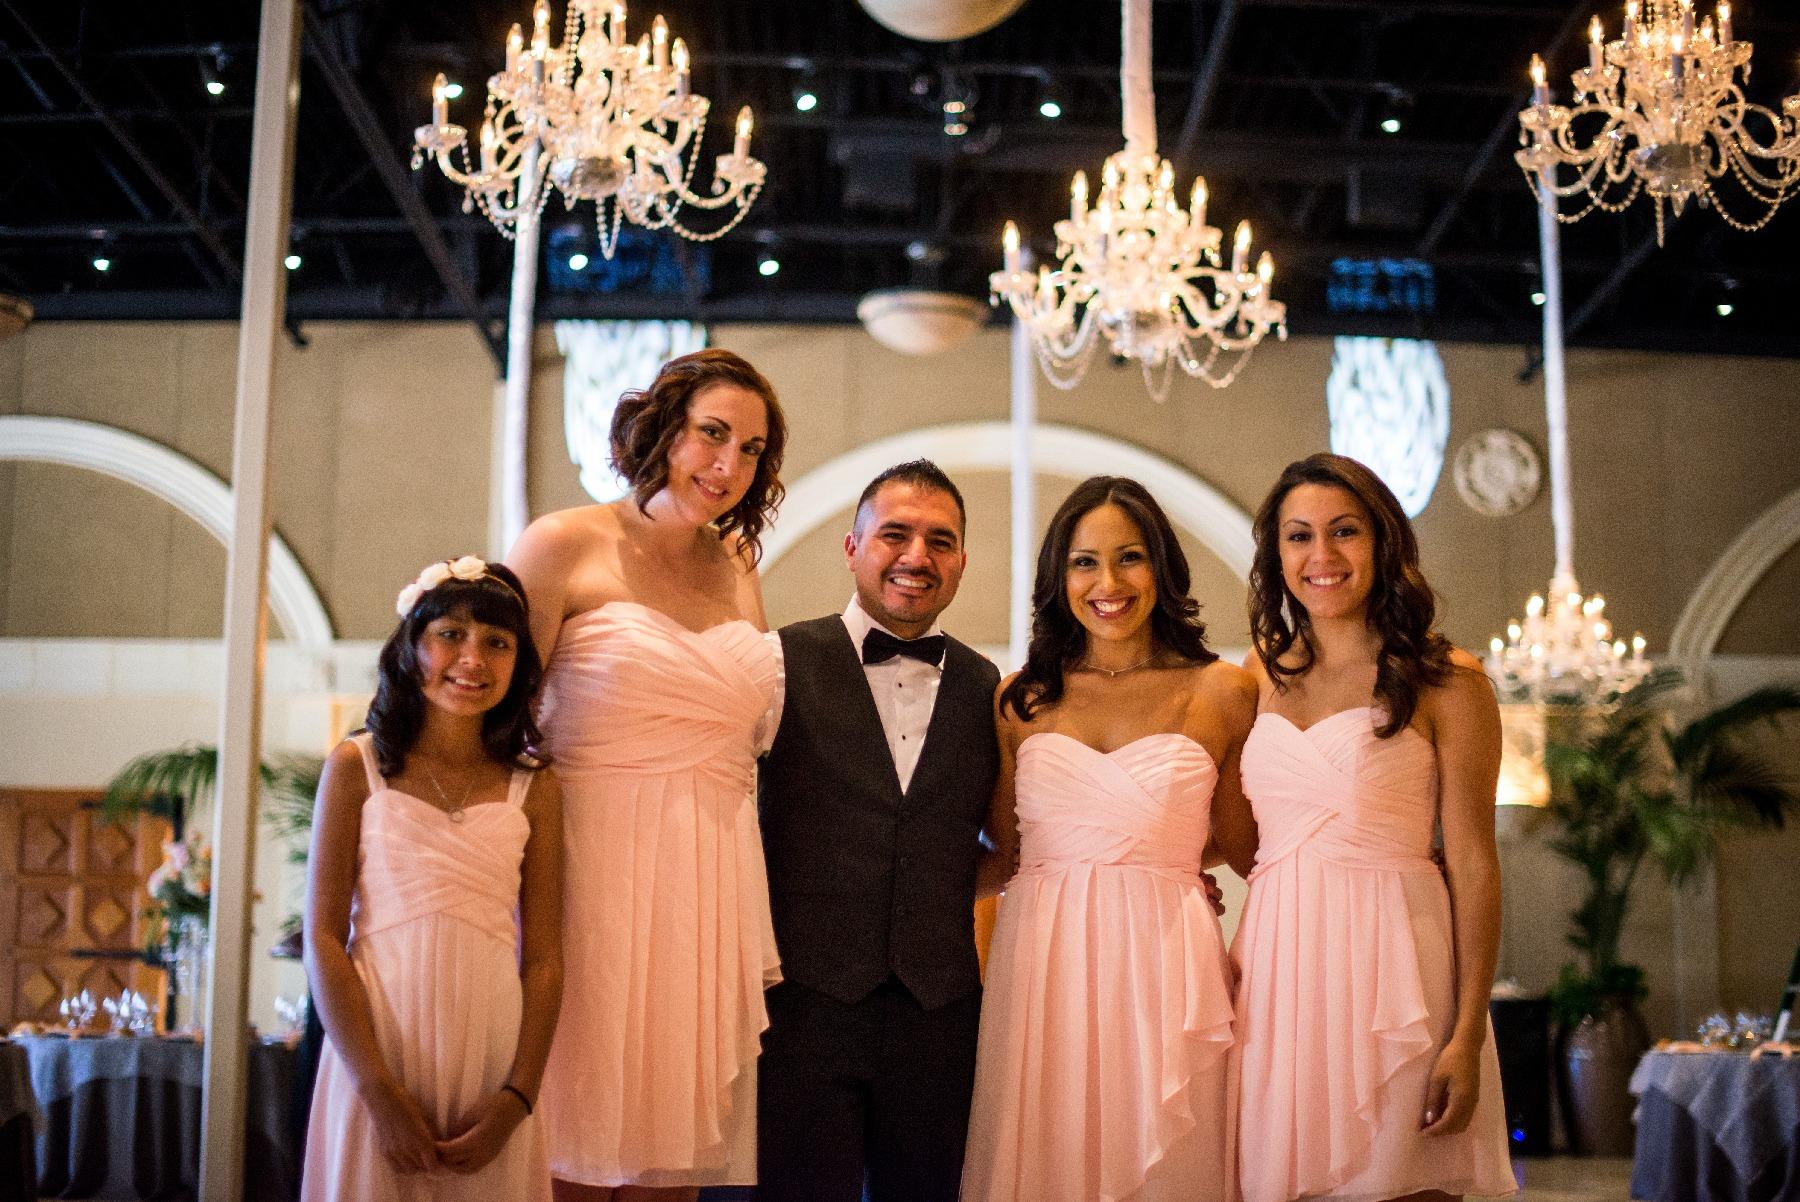 hugo and jimmy wedding 2014-10-05 10